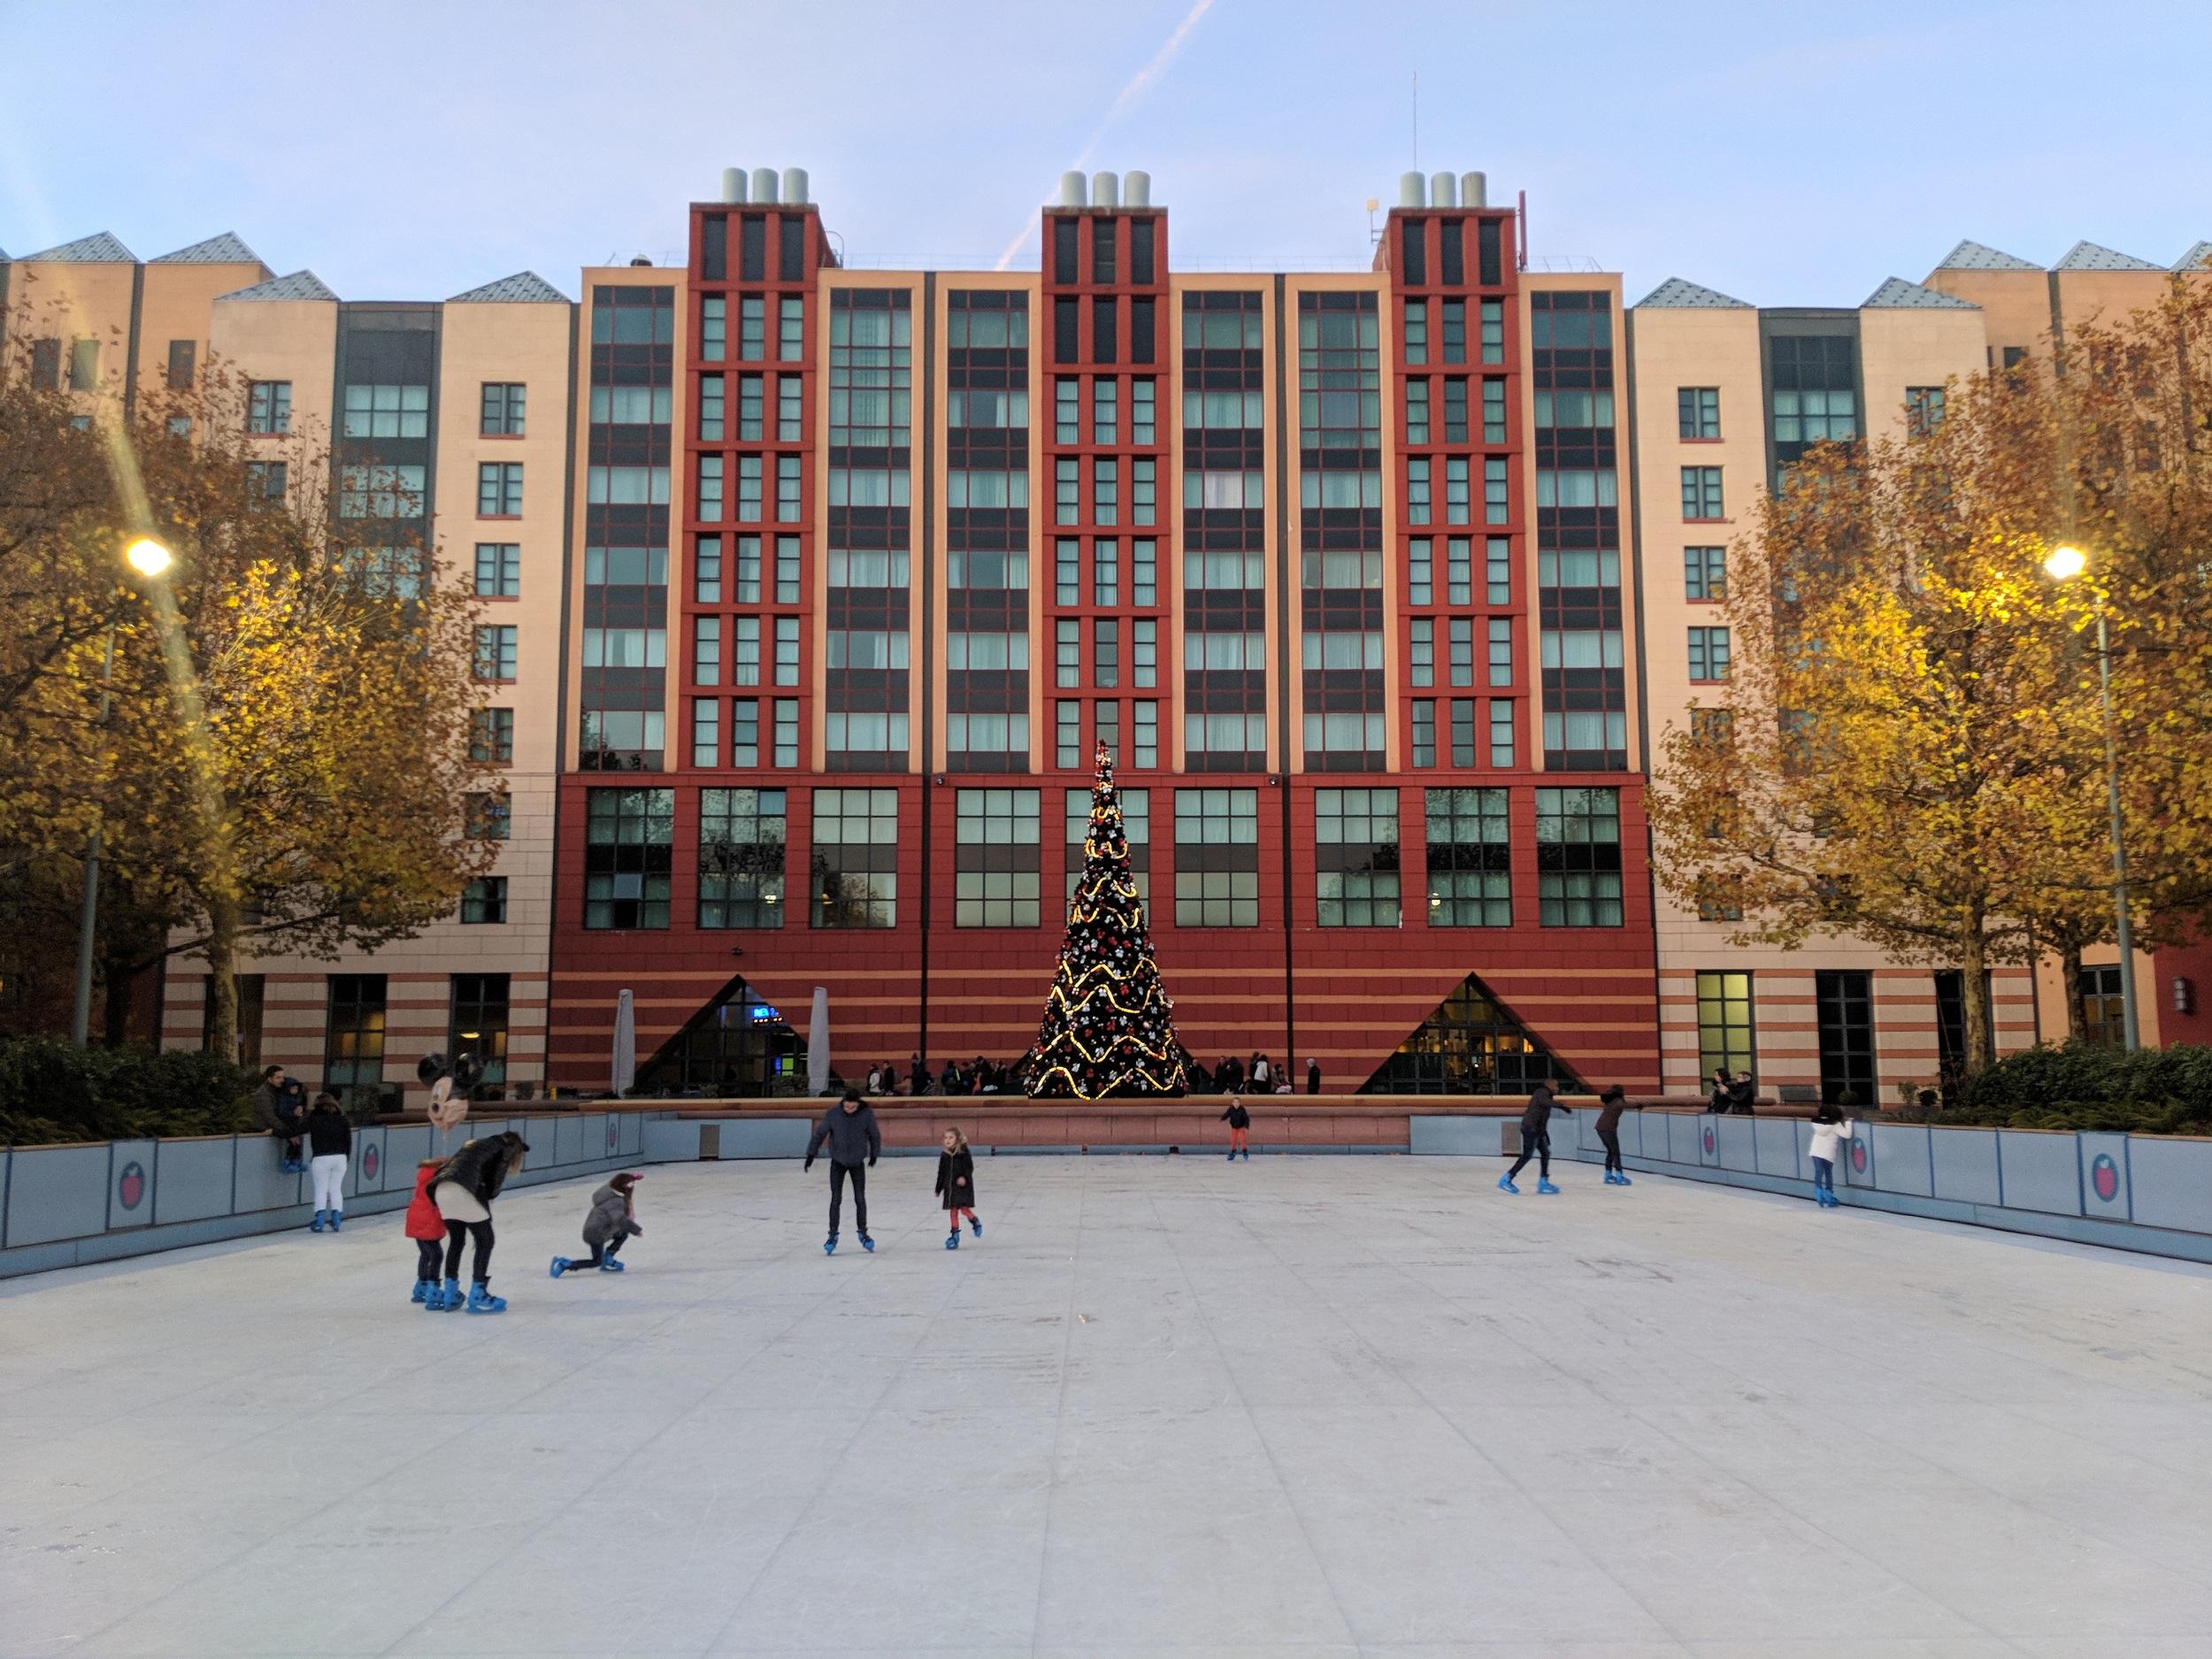 Disneyland Parijs - Kerst 2017 - Disney's Hotel New York met kerstboom en schaatsbaan